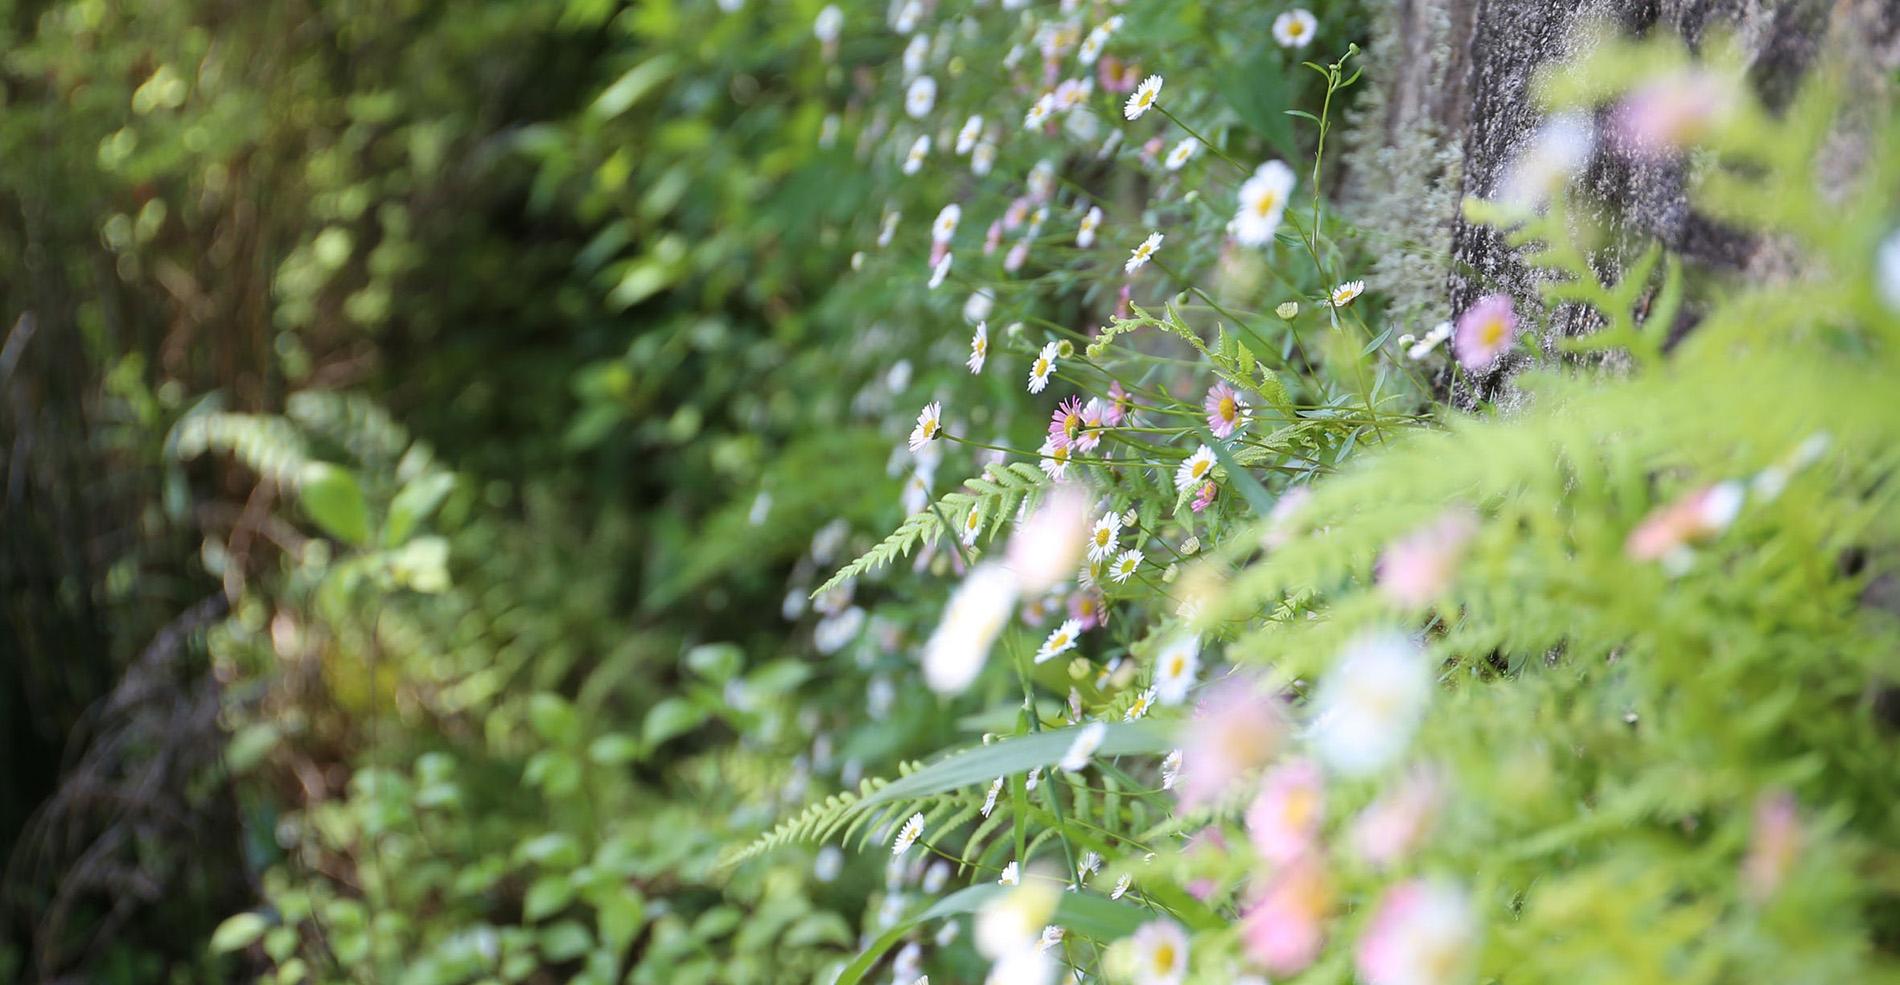 初夏の淡路島 緑と光と風の三重奏 ~アンサンブルの妙に心揺れて~